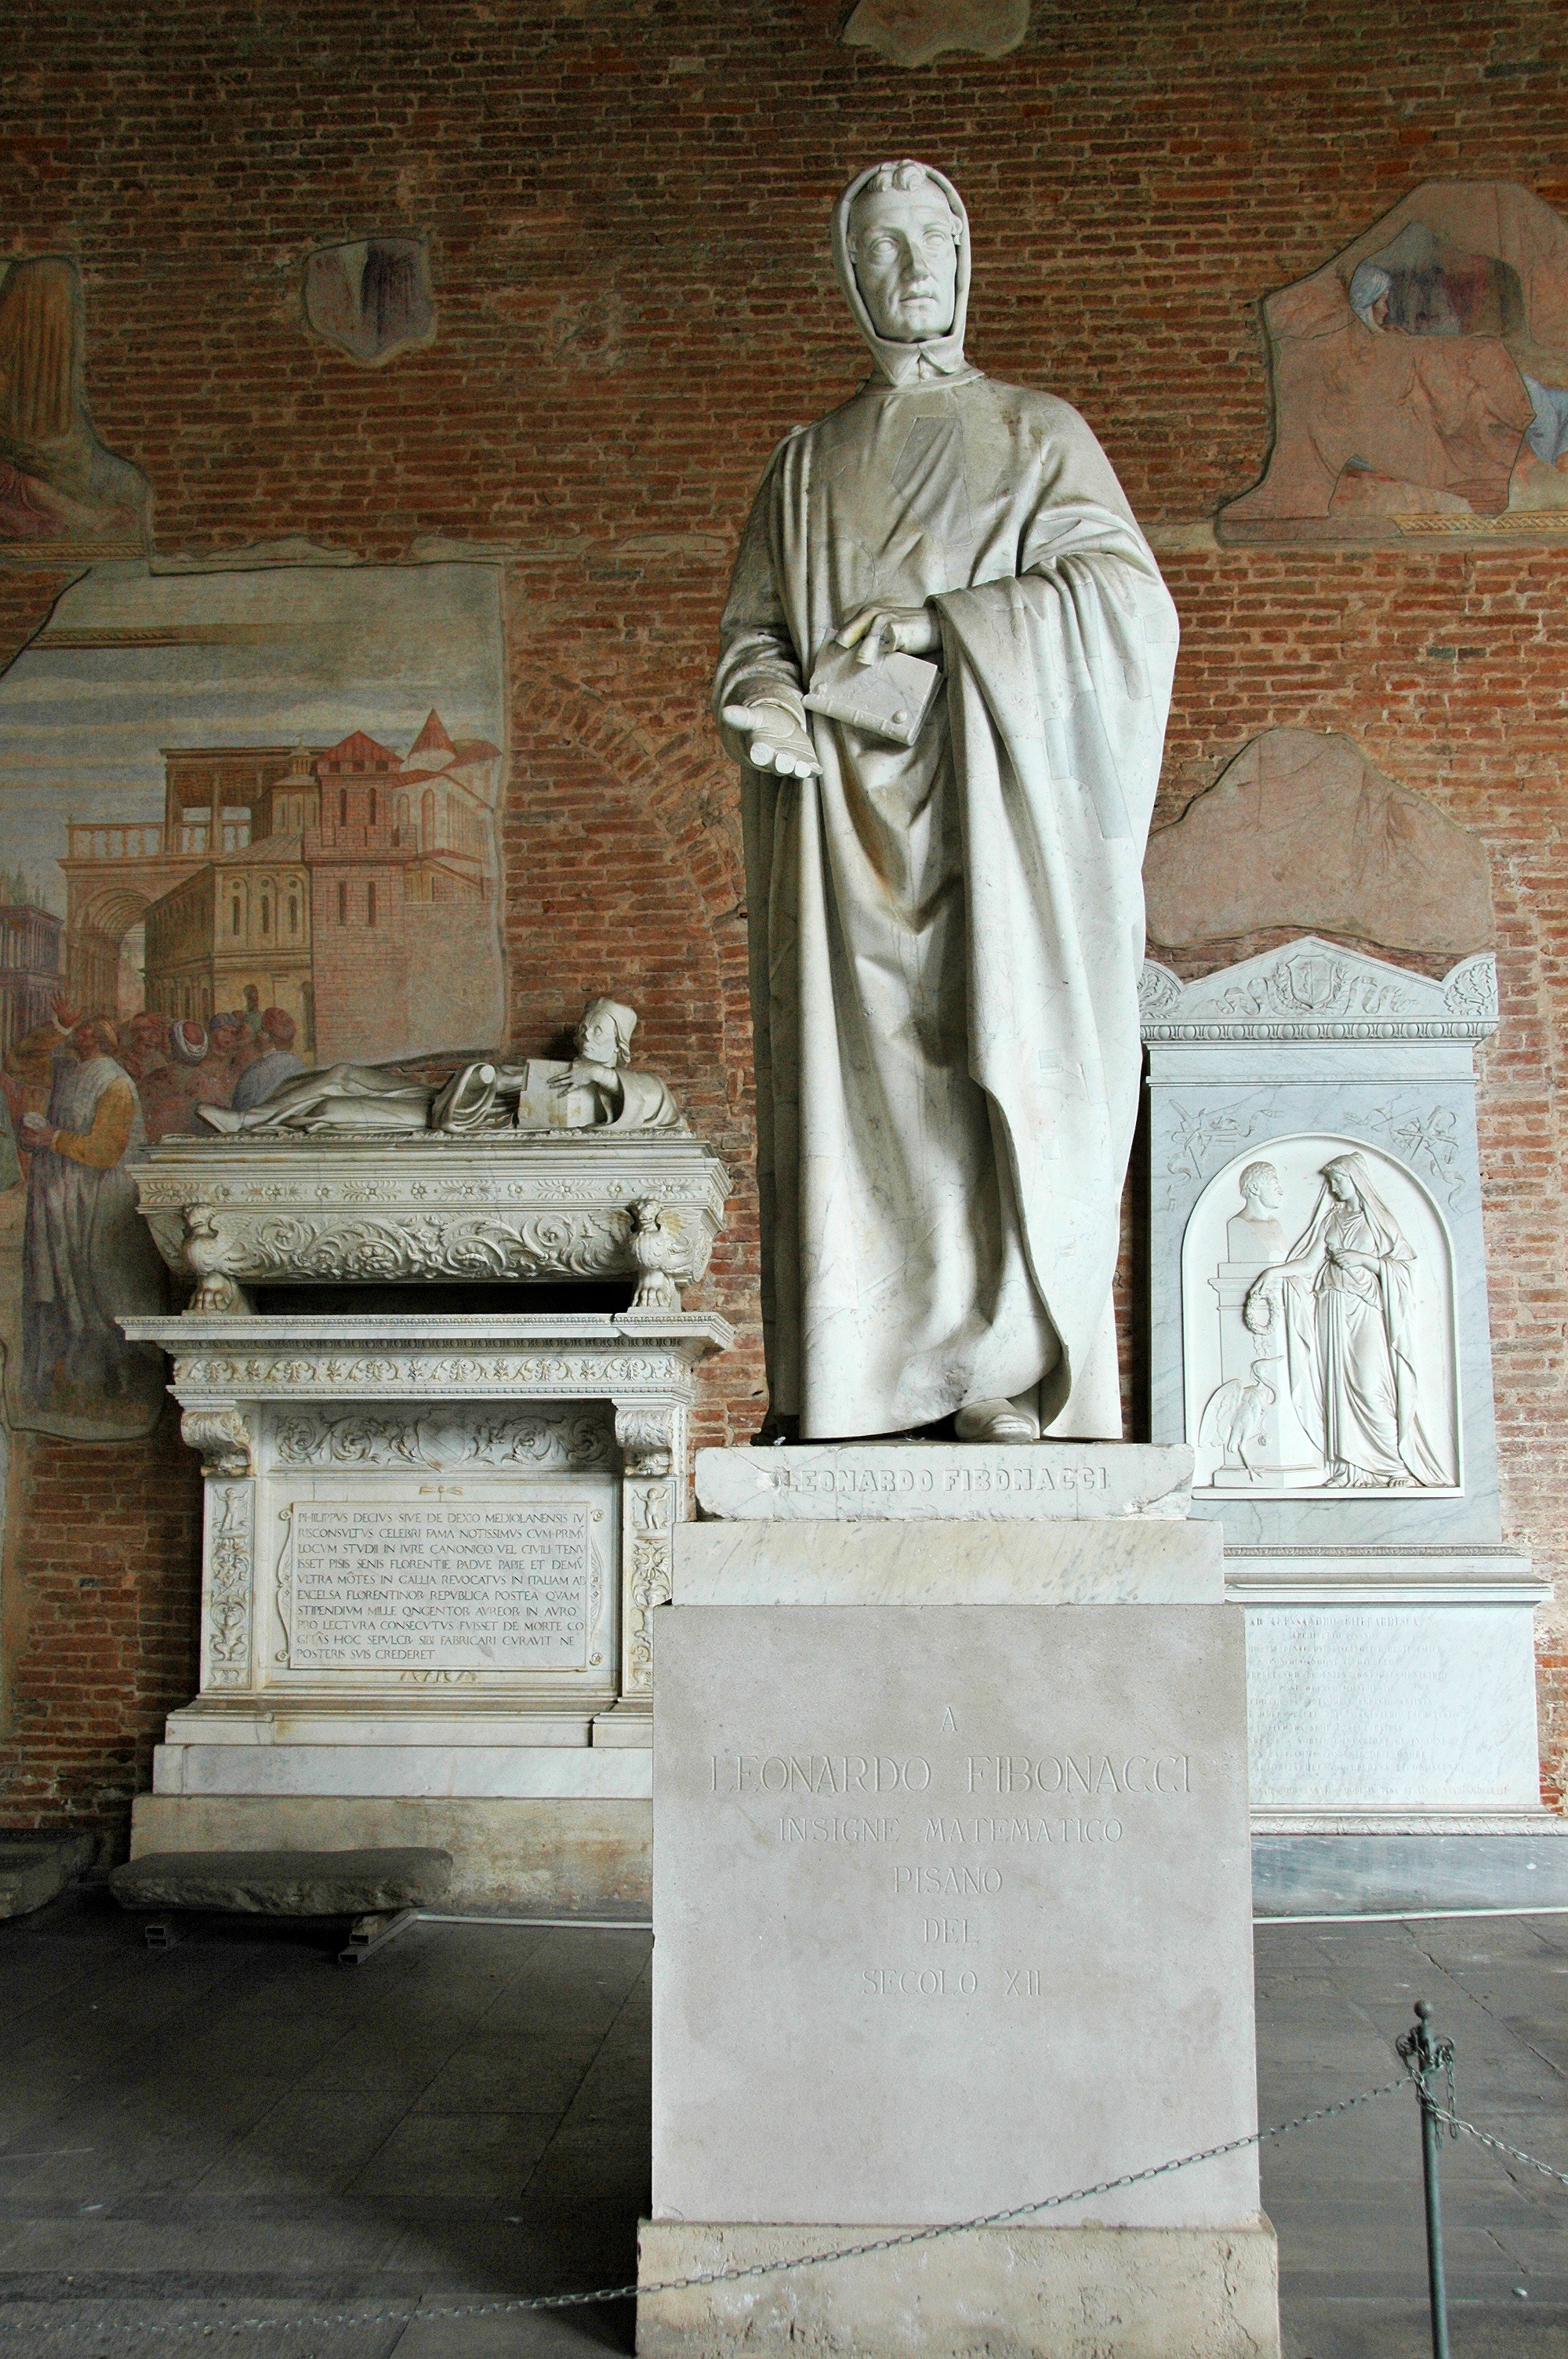 https://i1.wp.com/upload.wikimedia.org/wikipedia/commons/8/8e/Leonardo_da_Pisa.jpg